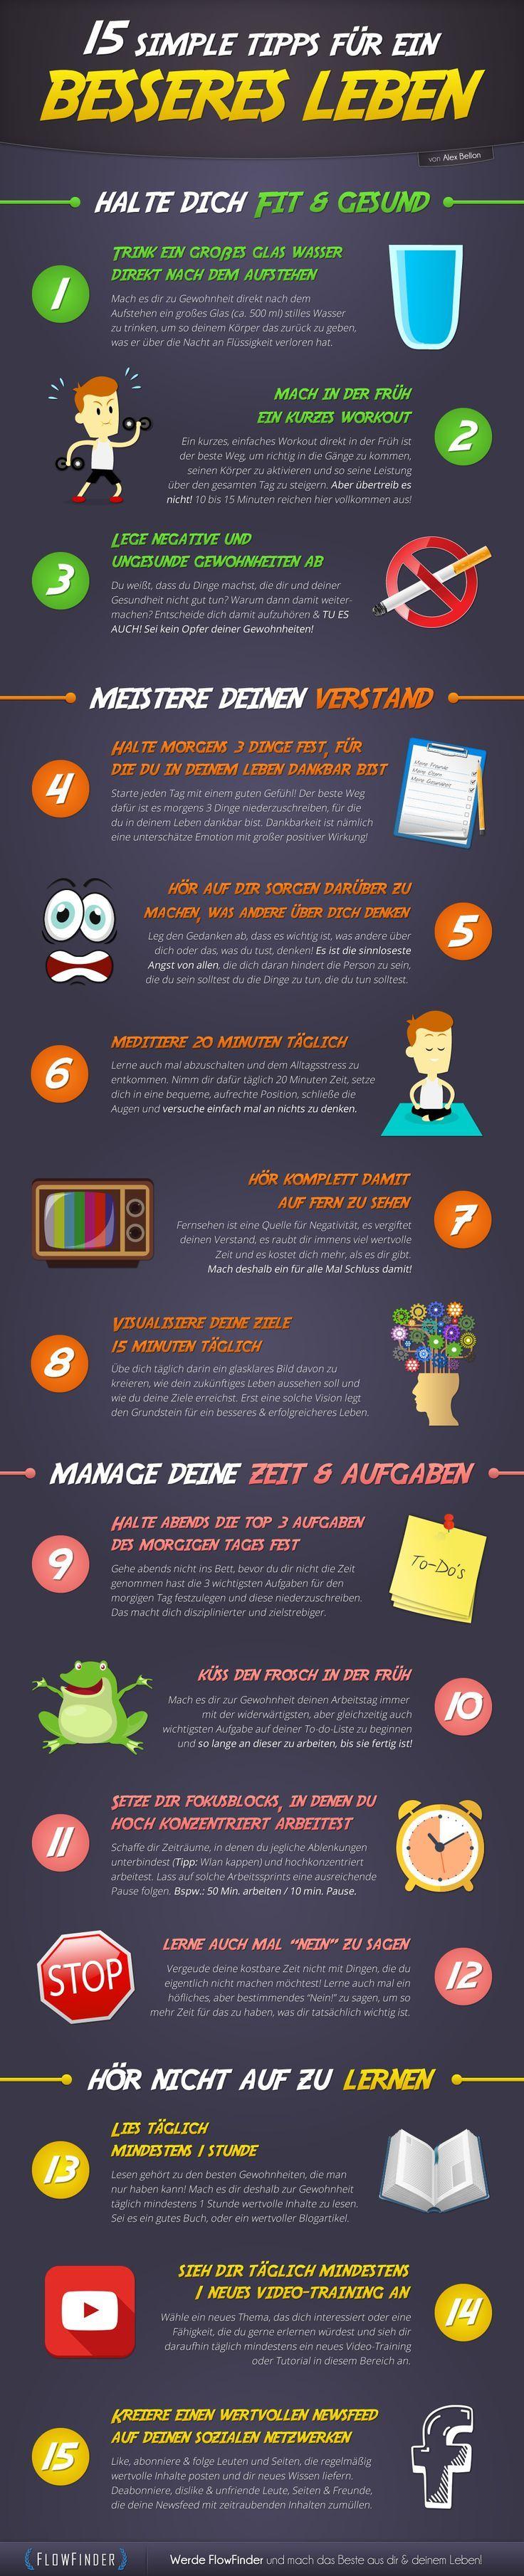 15 simple Tipps für ein besseres Leben #gesundheit #achtsamkeit #leben